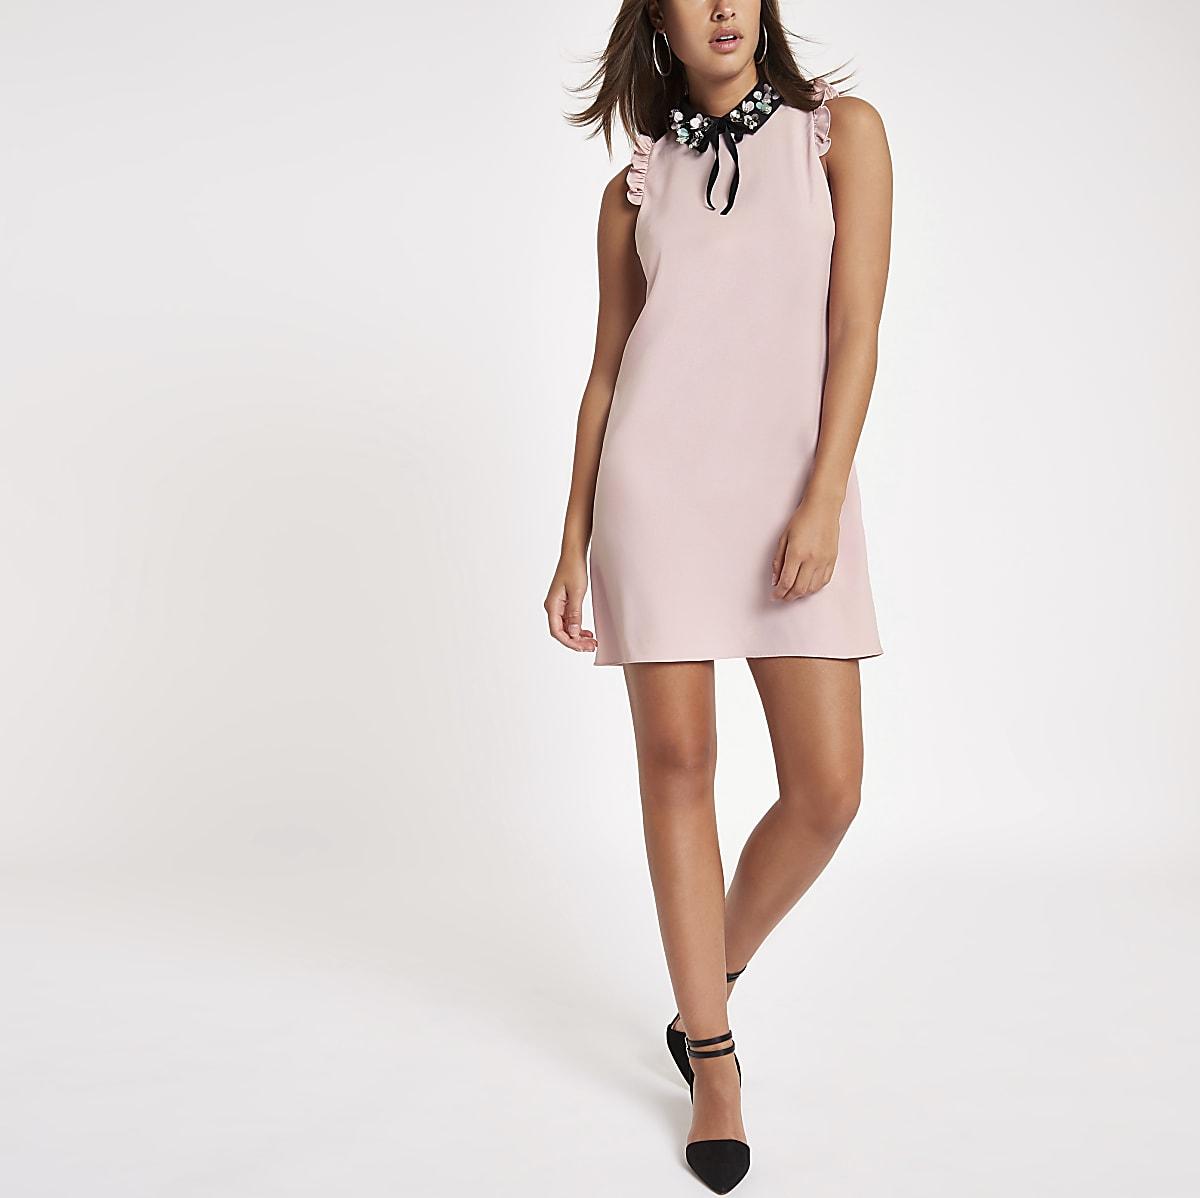 Roze mini-jurk met versierde kraag